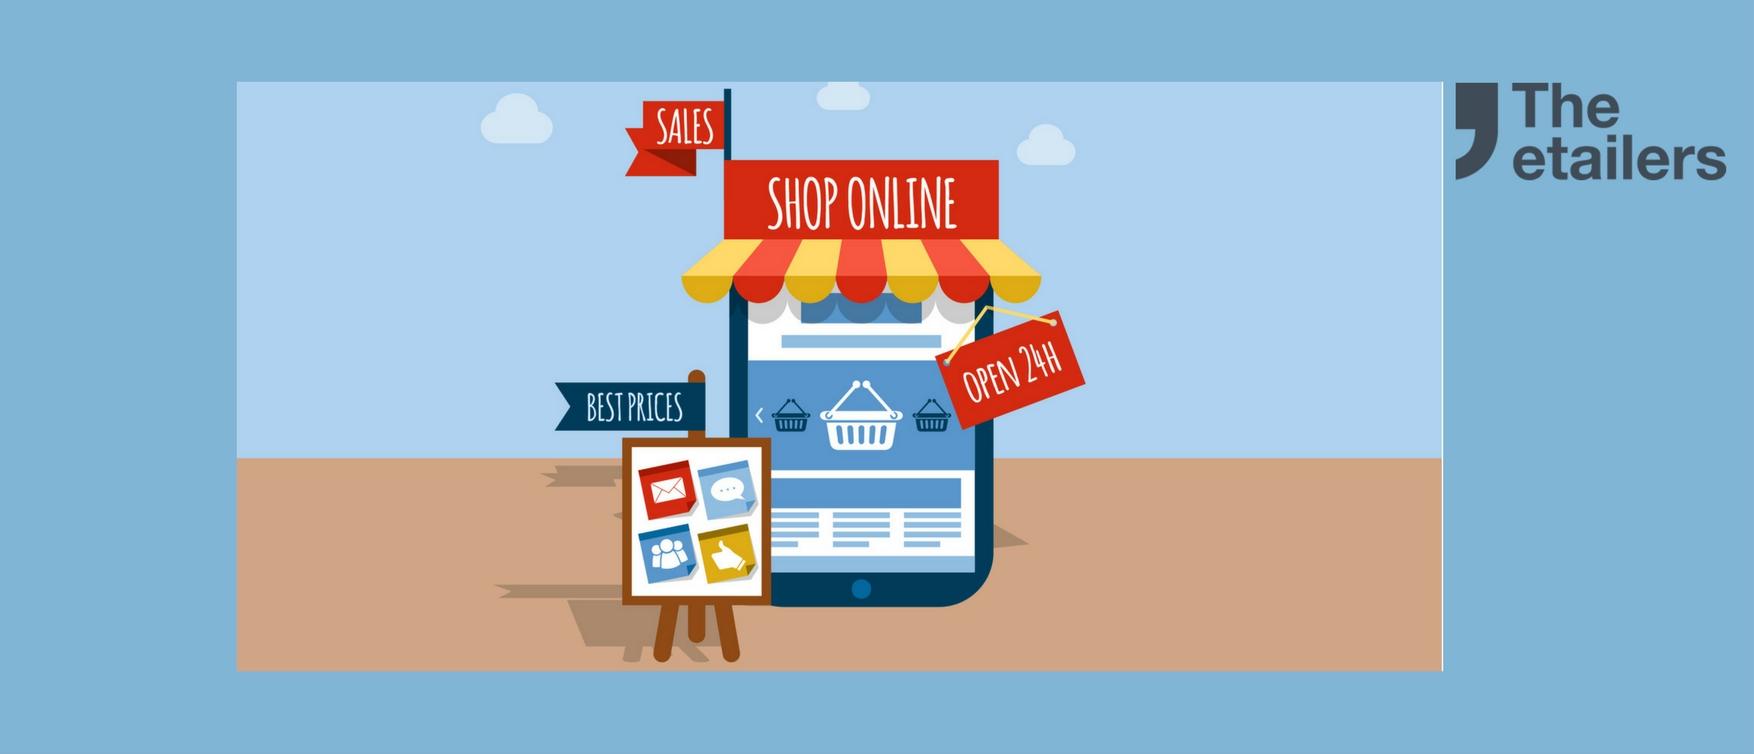 tienda online - concejos